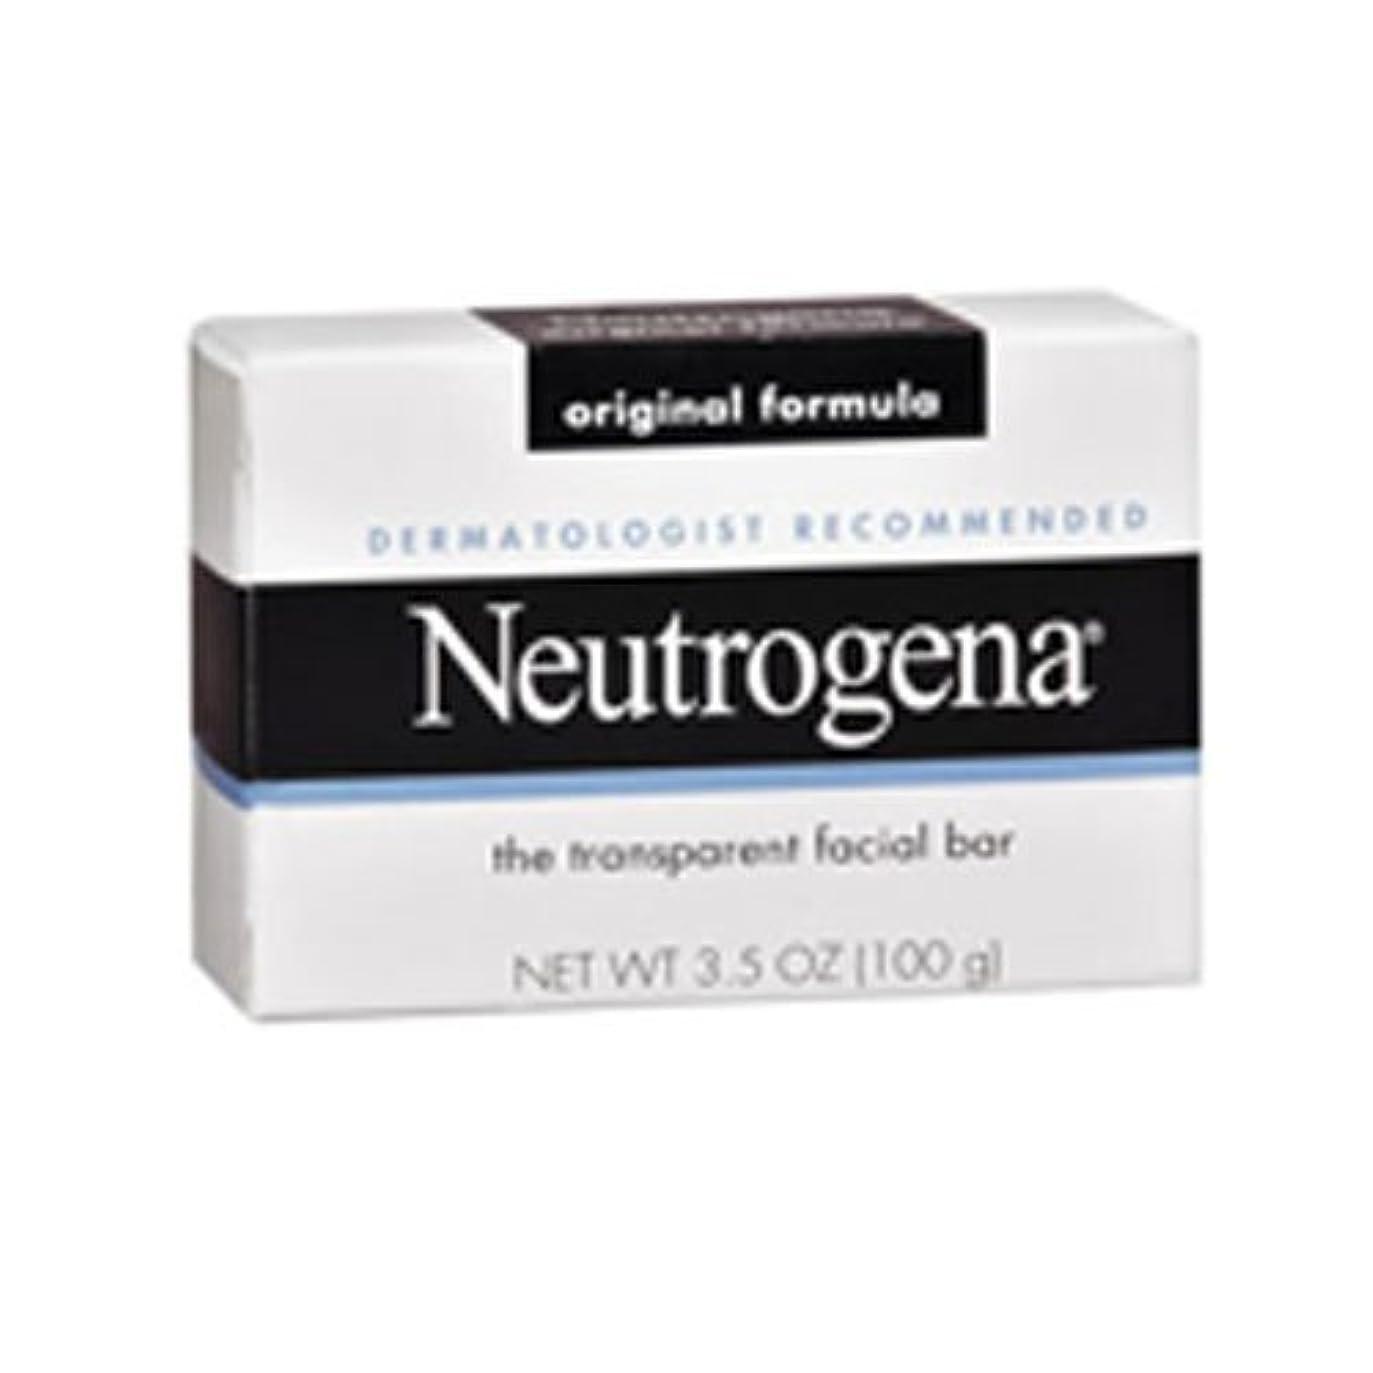 種をまくポンド批判する海外直送肘 Neutrogena Transparent Facial Soap Bar, 3.5 oz